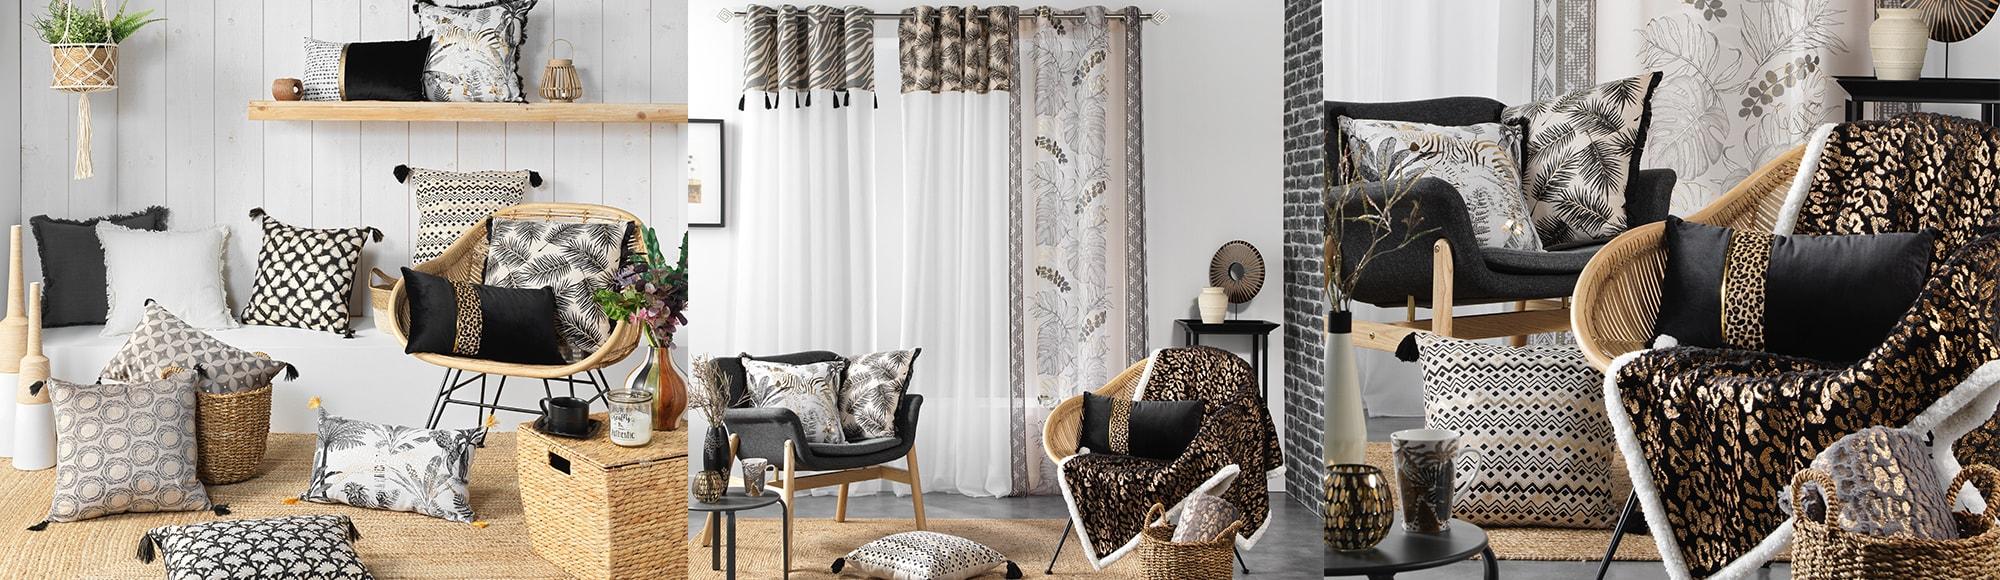 U10 - Fournisseur en décoration d'intérieur - marque douceur d'interieur - ameublement deco - theme urban safari